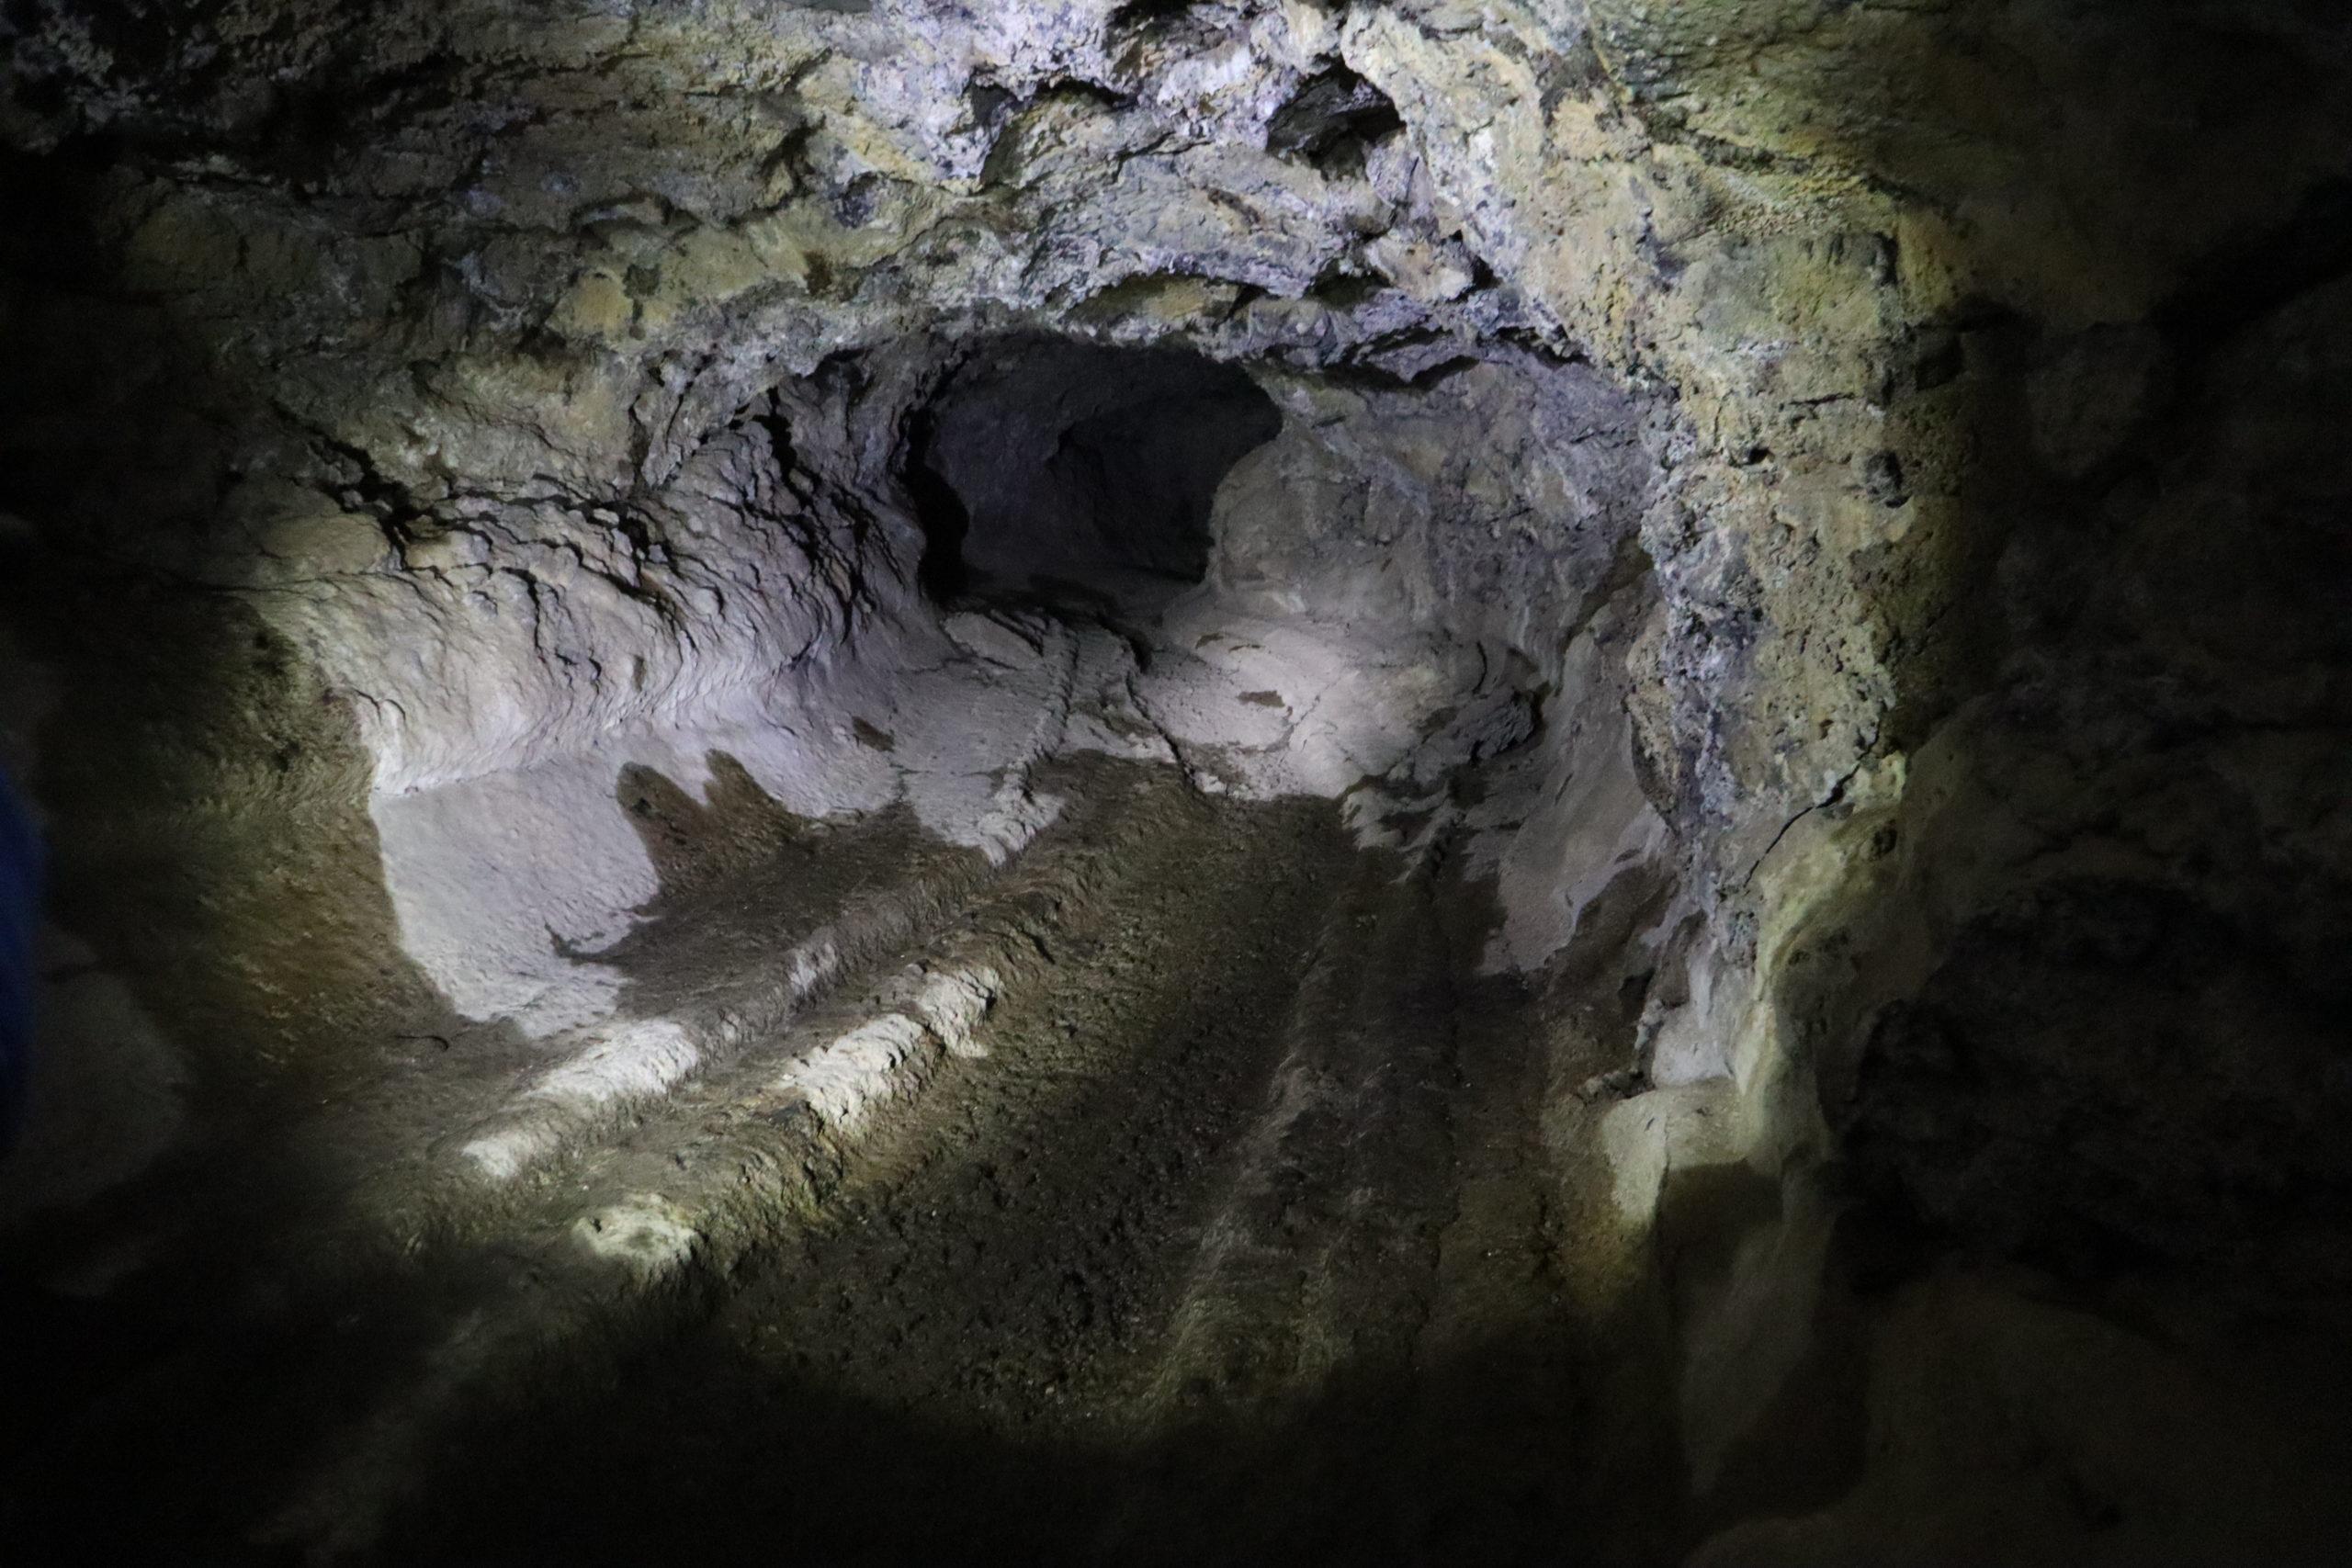 cueva-del-viento-tenerife